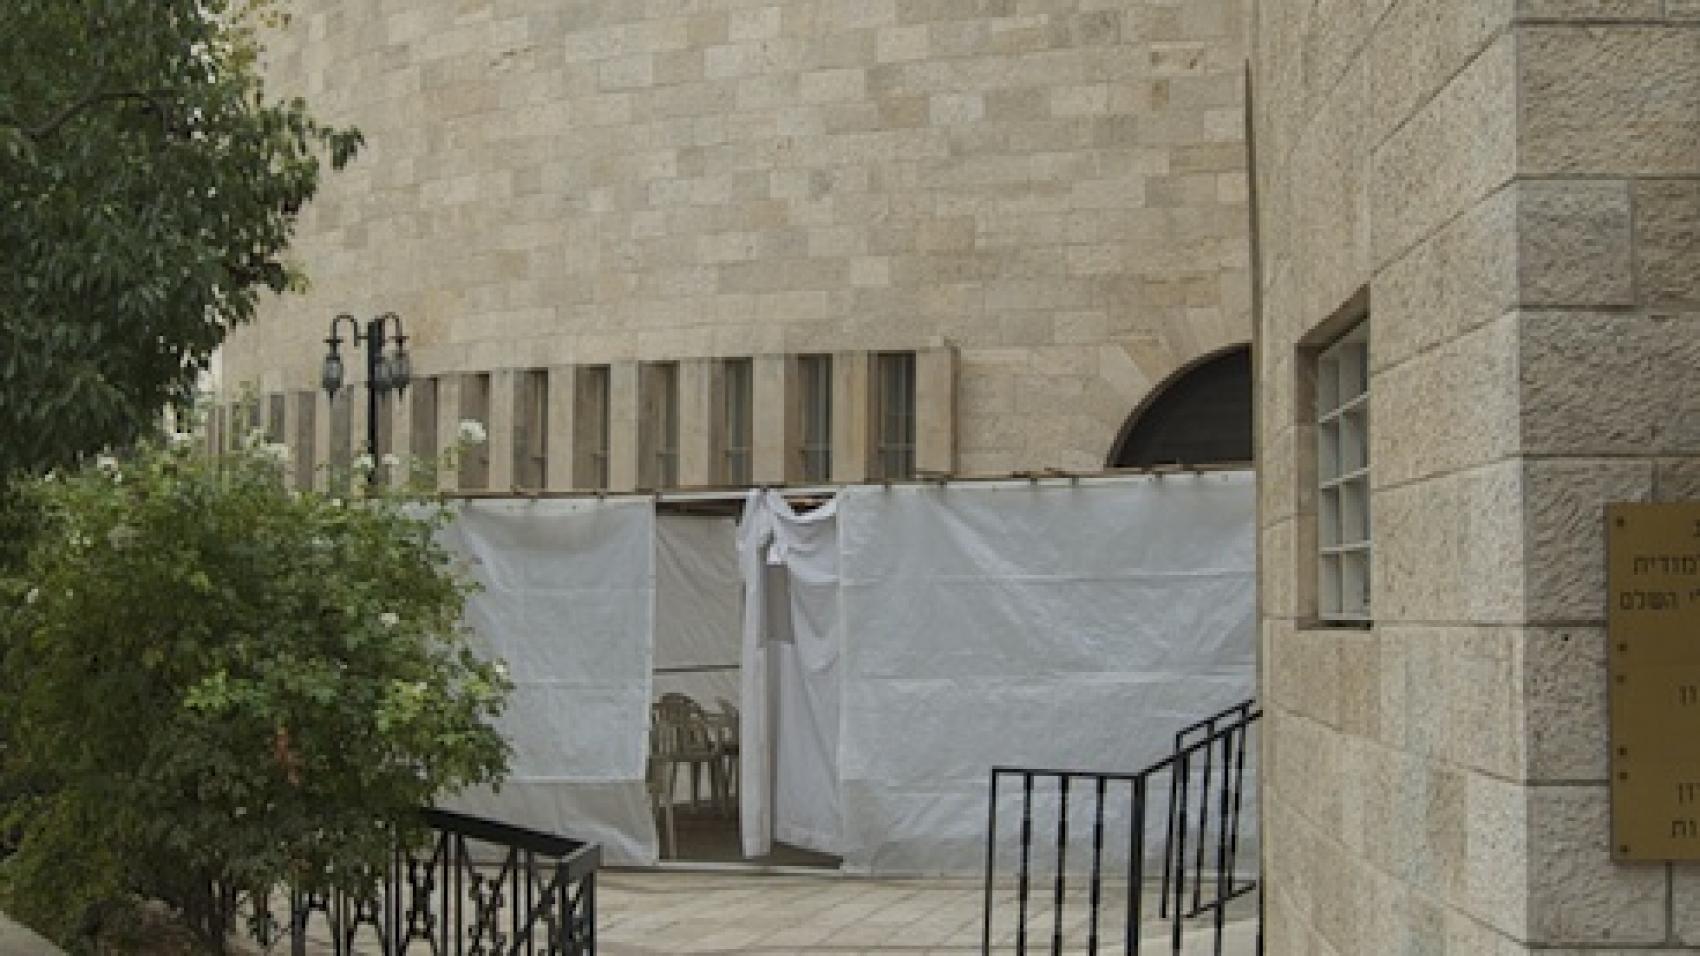 yeshurun synagogue sukkah